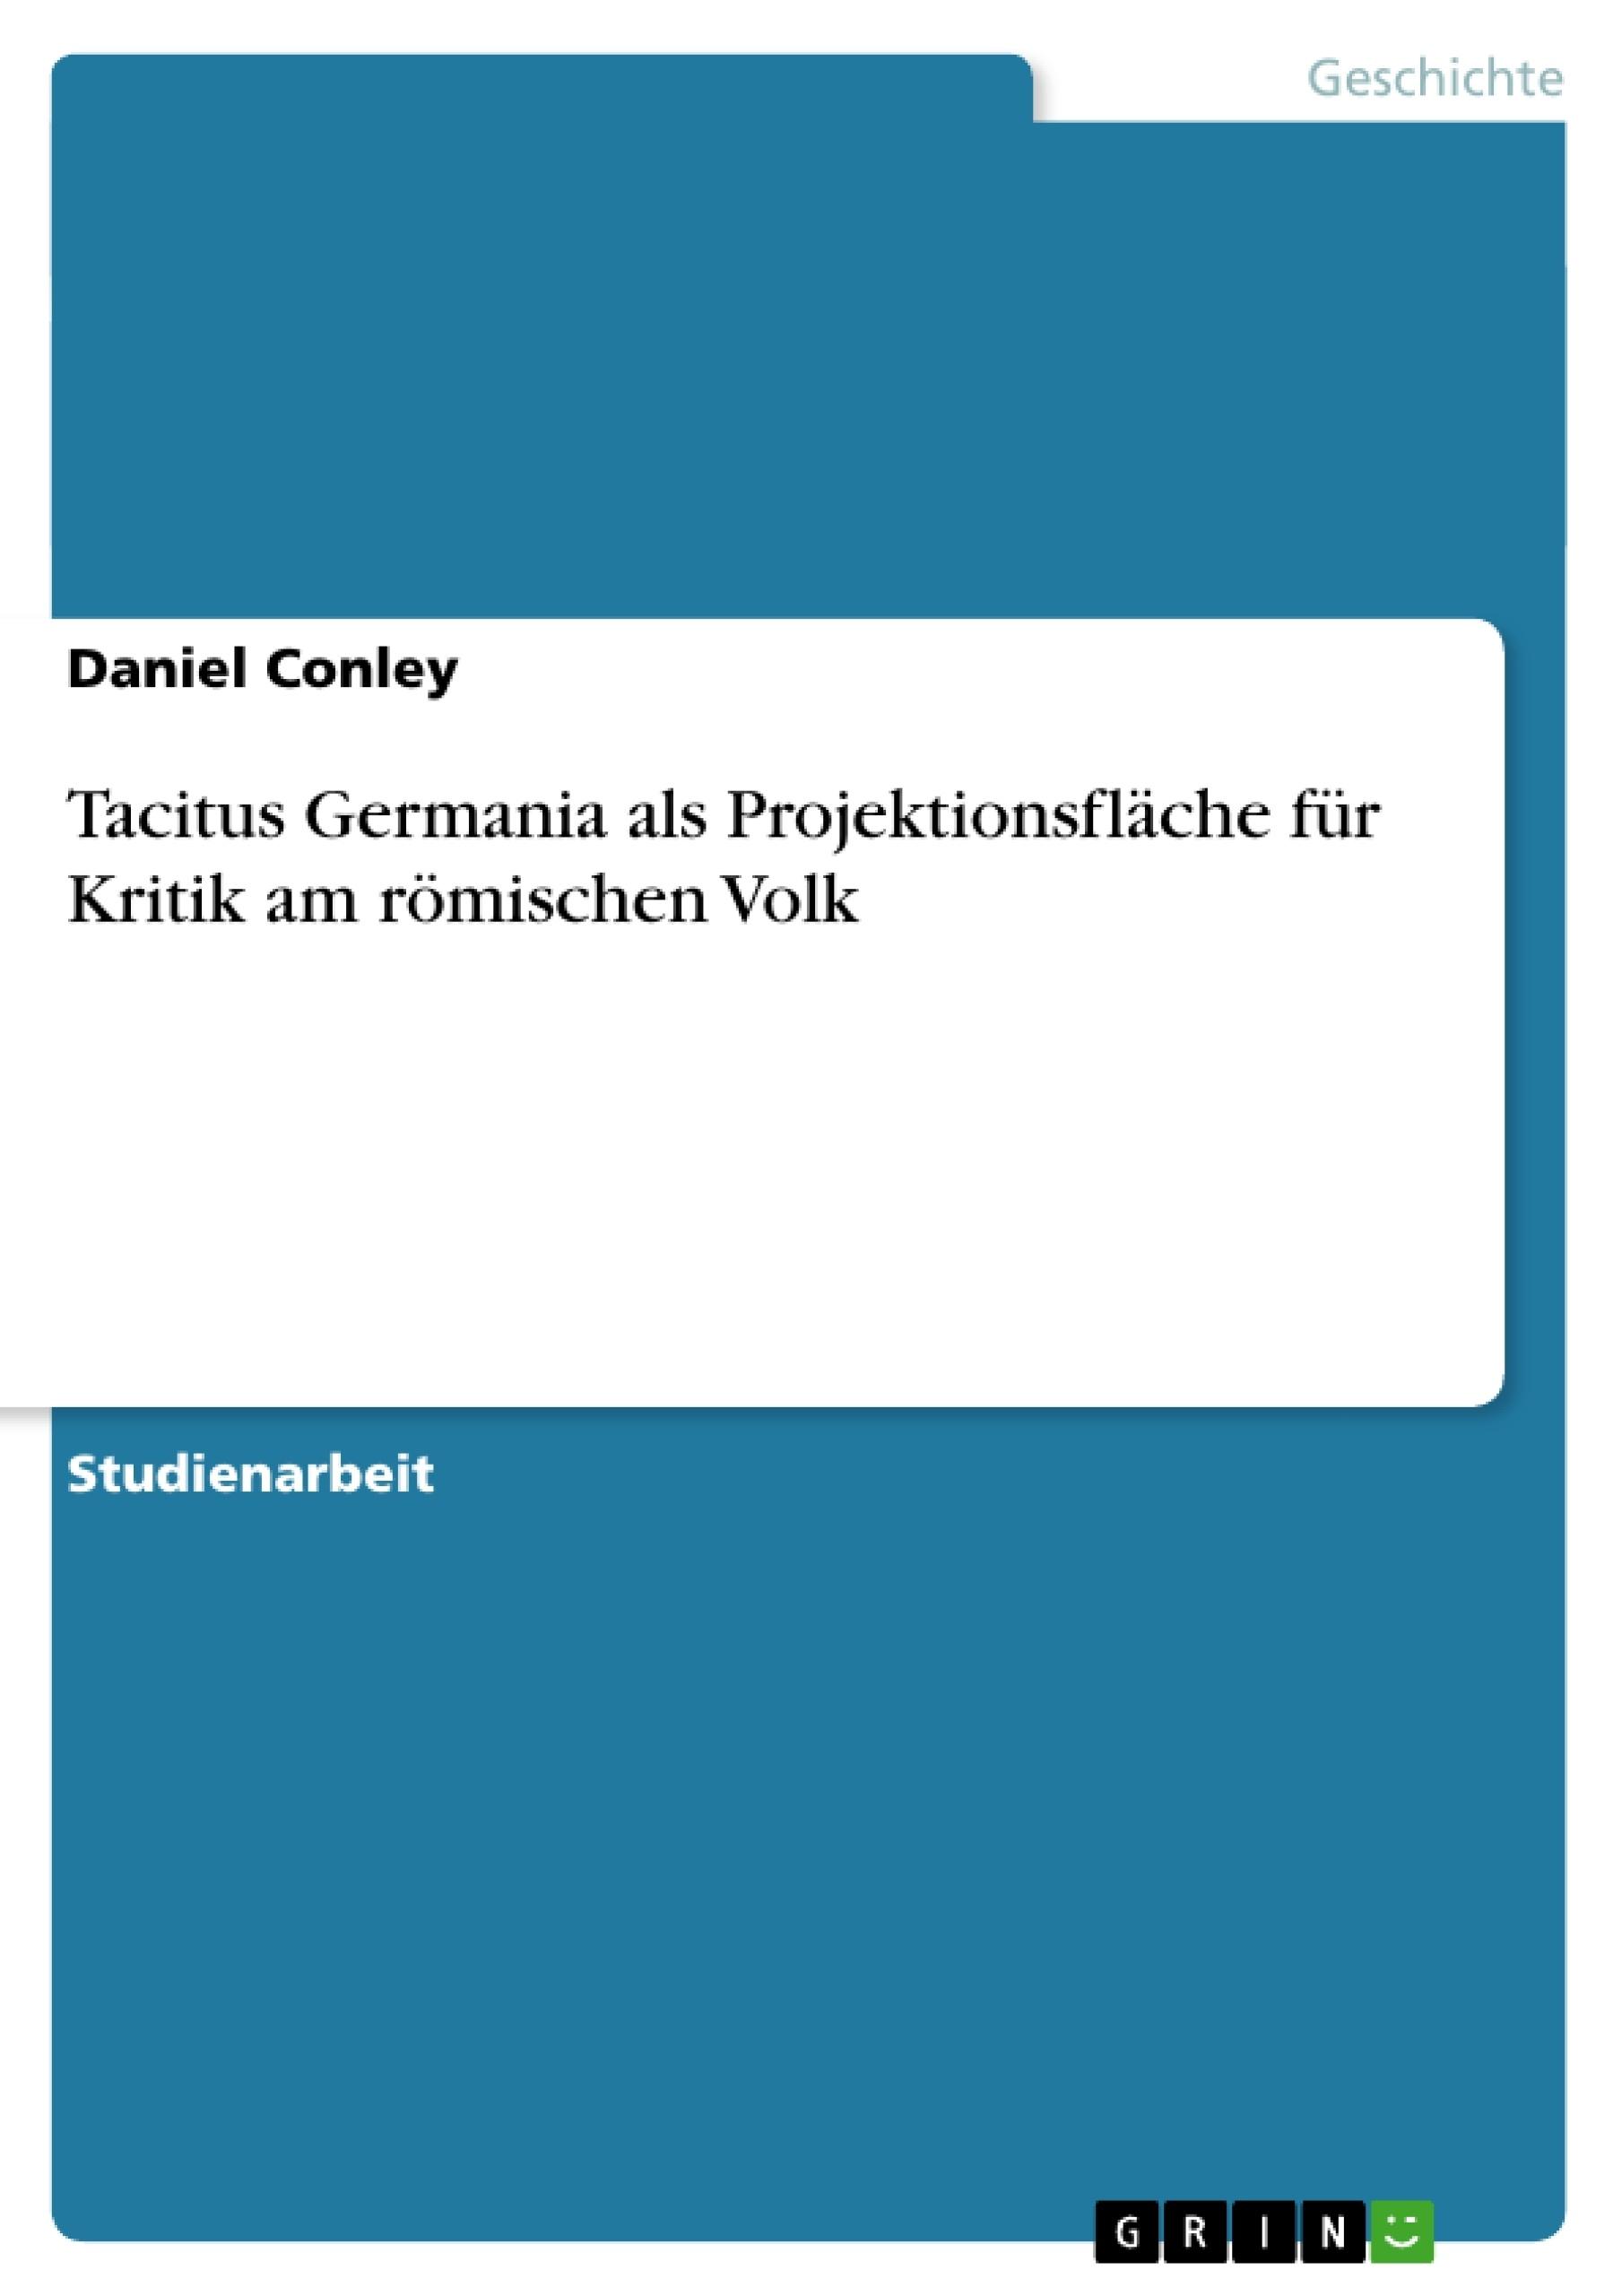 Titel: Tacitus Germania als Projektionsfläche für Kritik am römischen Volk